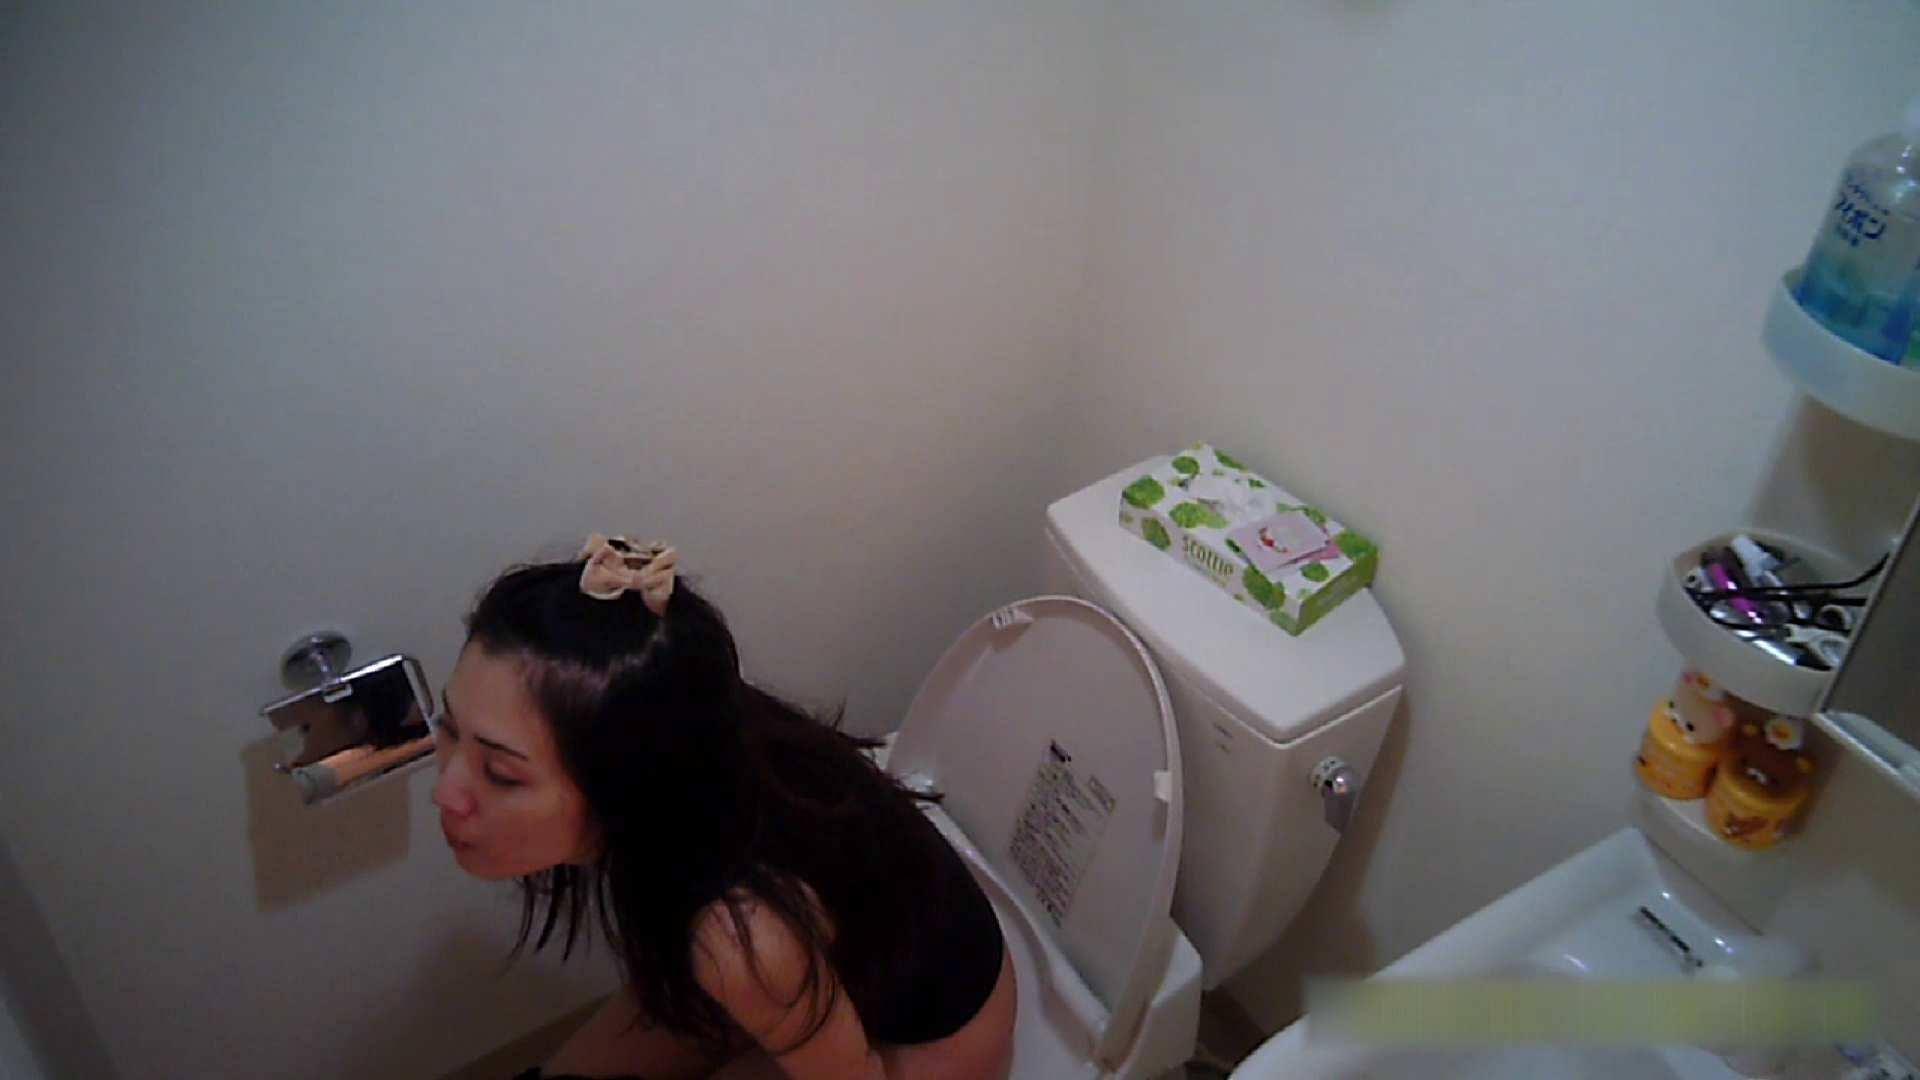 清楚な顔してかなり敏感なE子25歳(仮名)Vol.05 裸でトイレ編 シャワー室 エロ画像 90枚 54